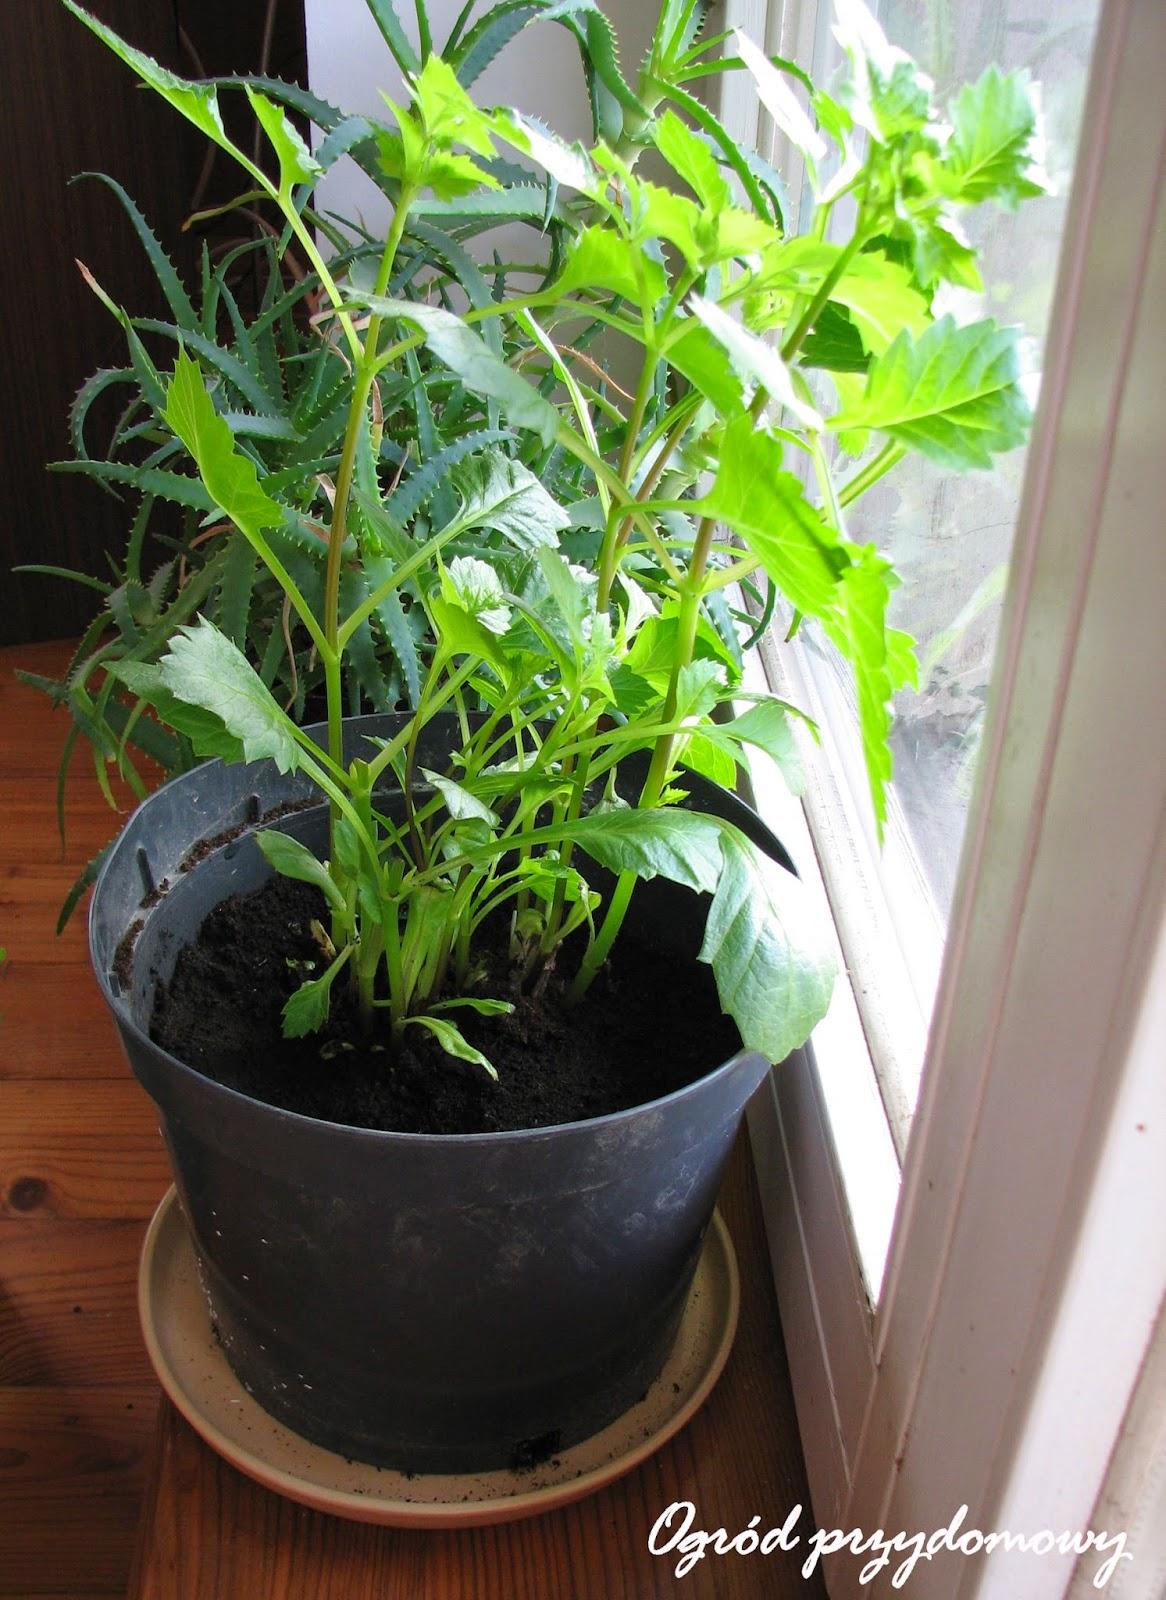 wpadki ogrodnicze, wpadka ogrodnicza, ogród przydomowy